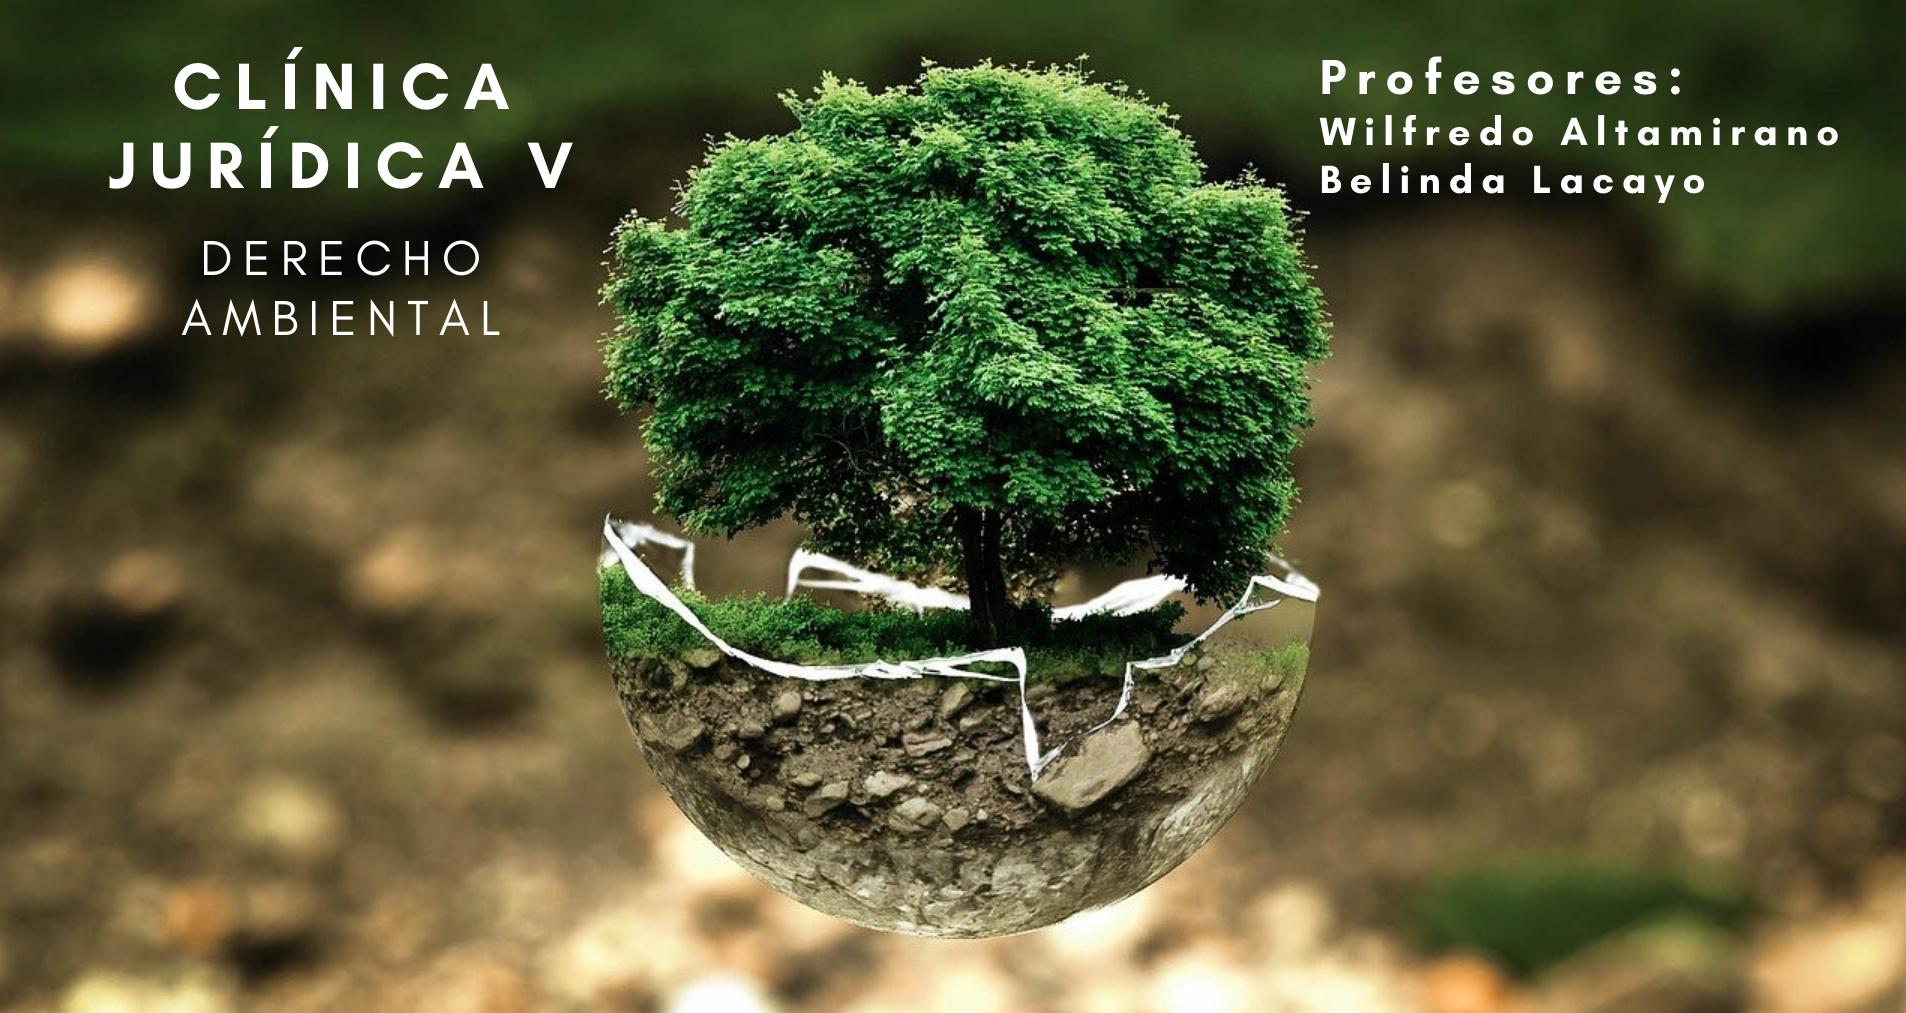 Clínica Jurídica V: Derecho Ambiental